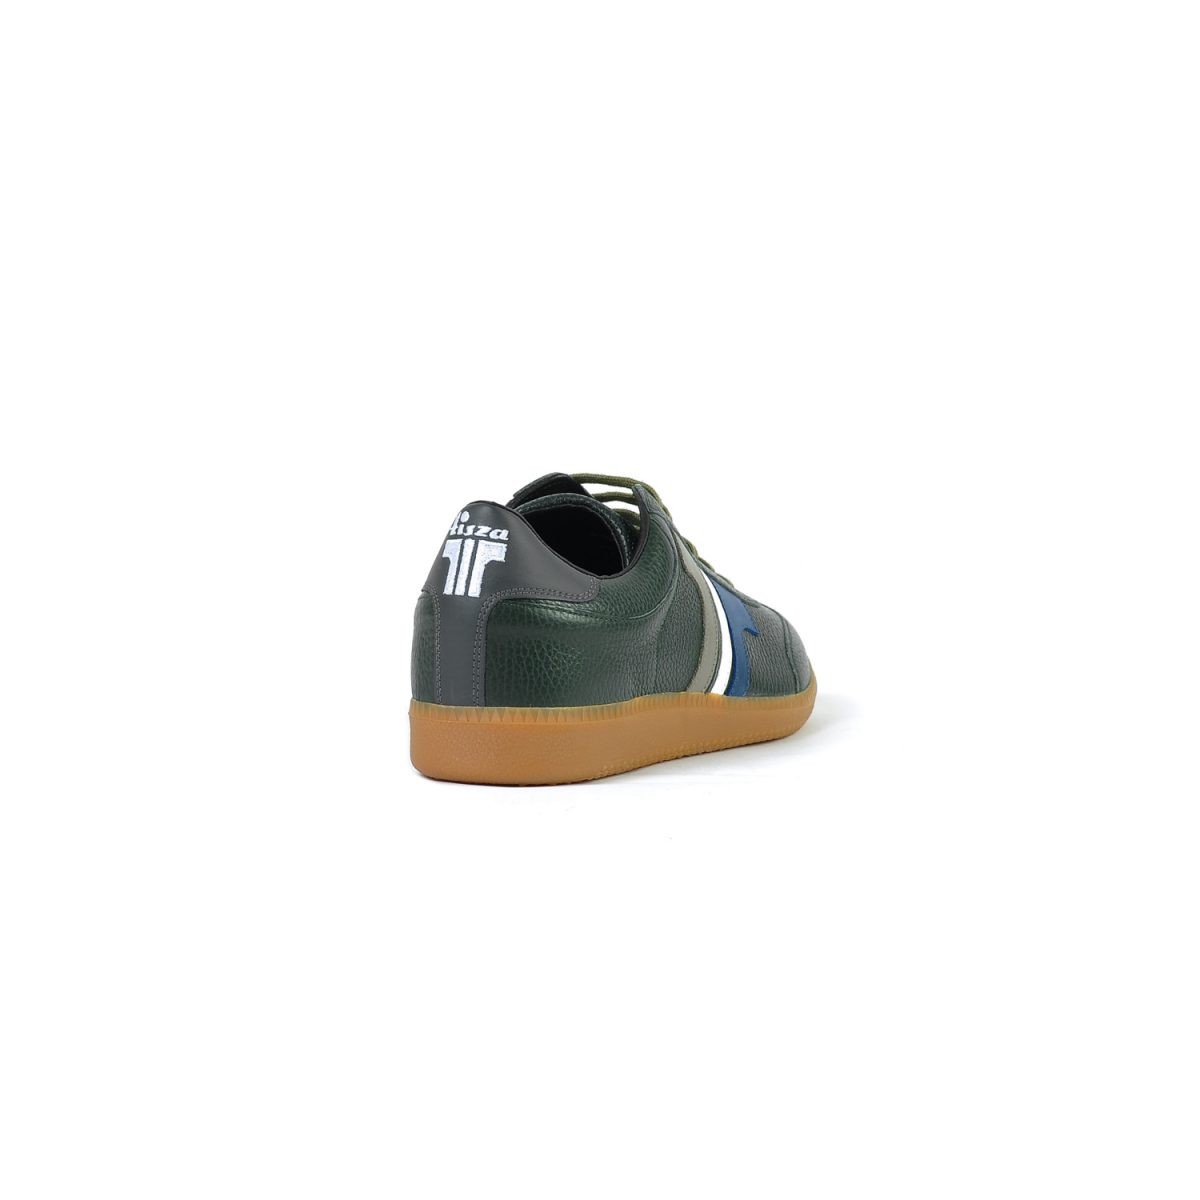 Tisza shoes - Compakt - Swamp